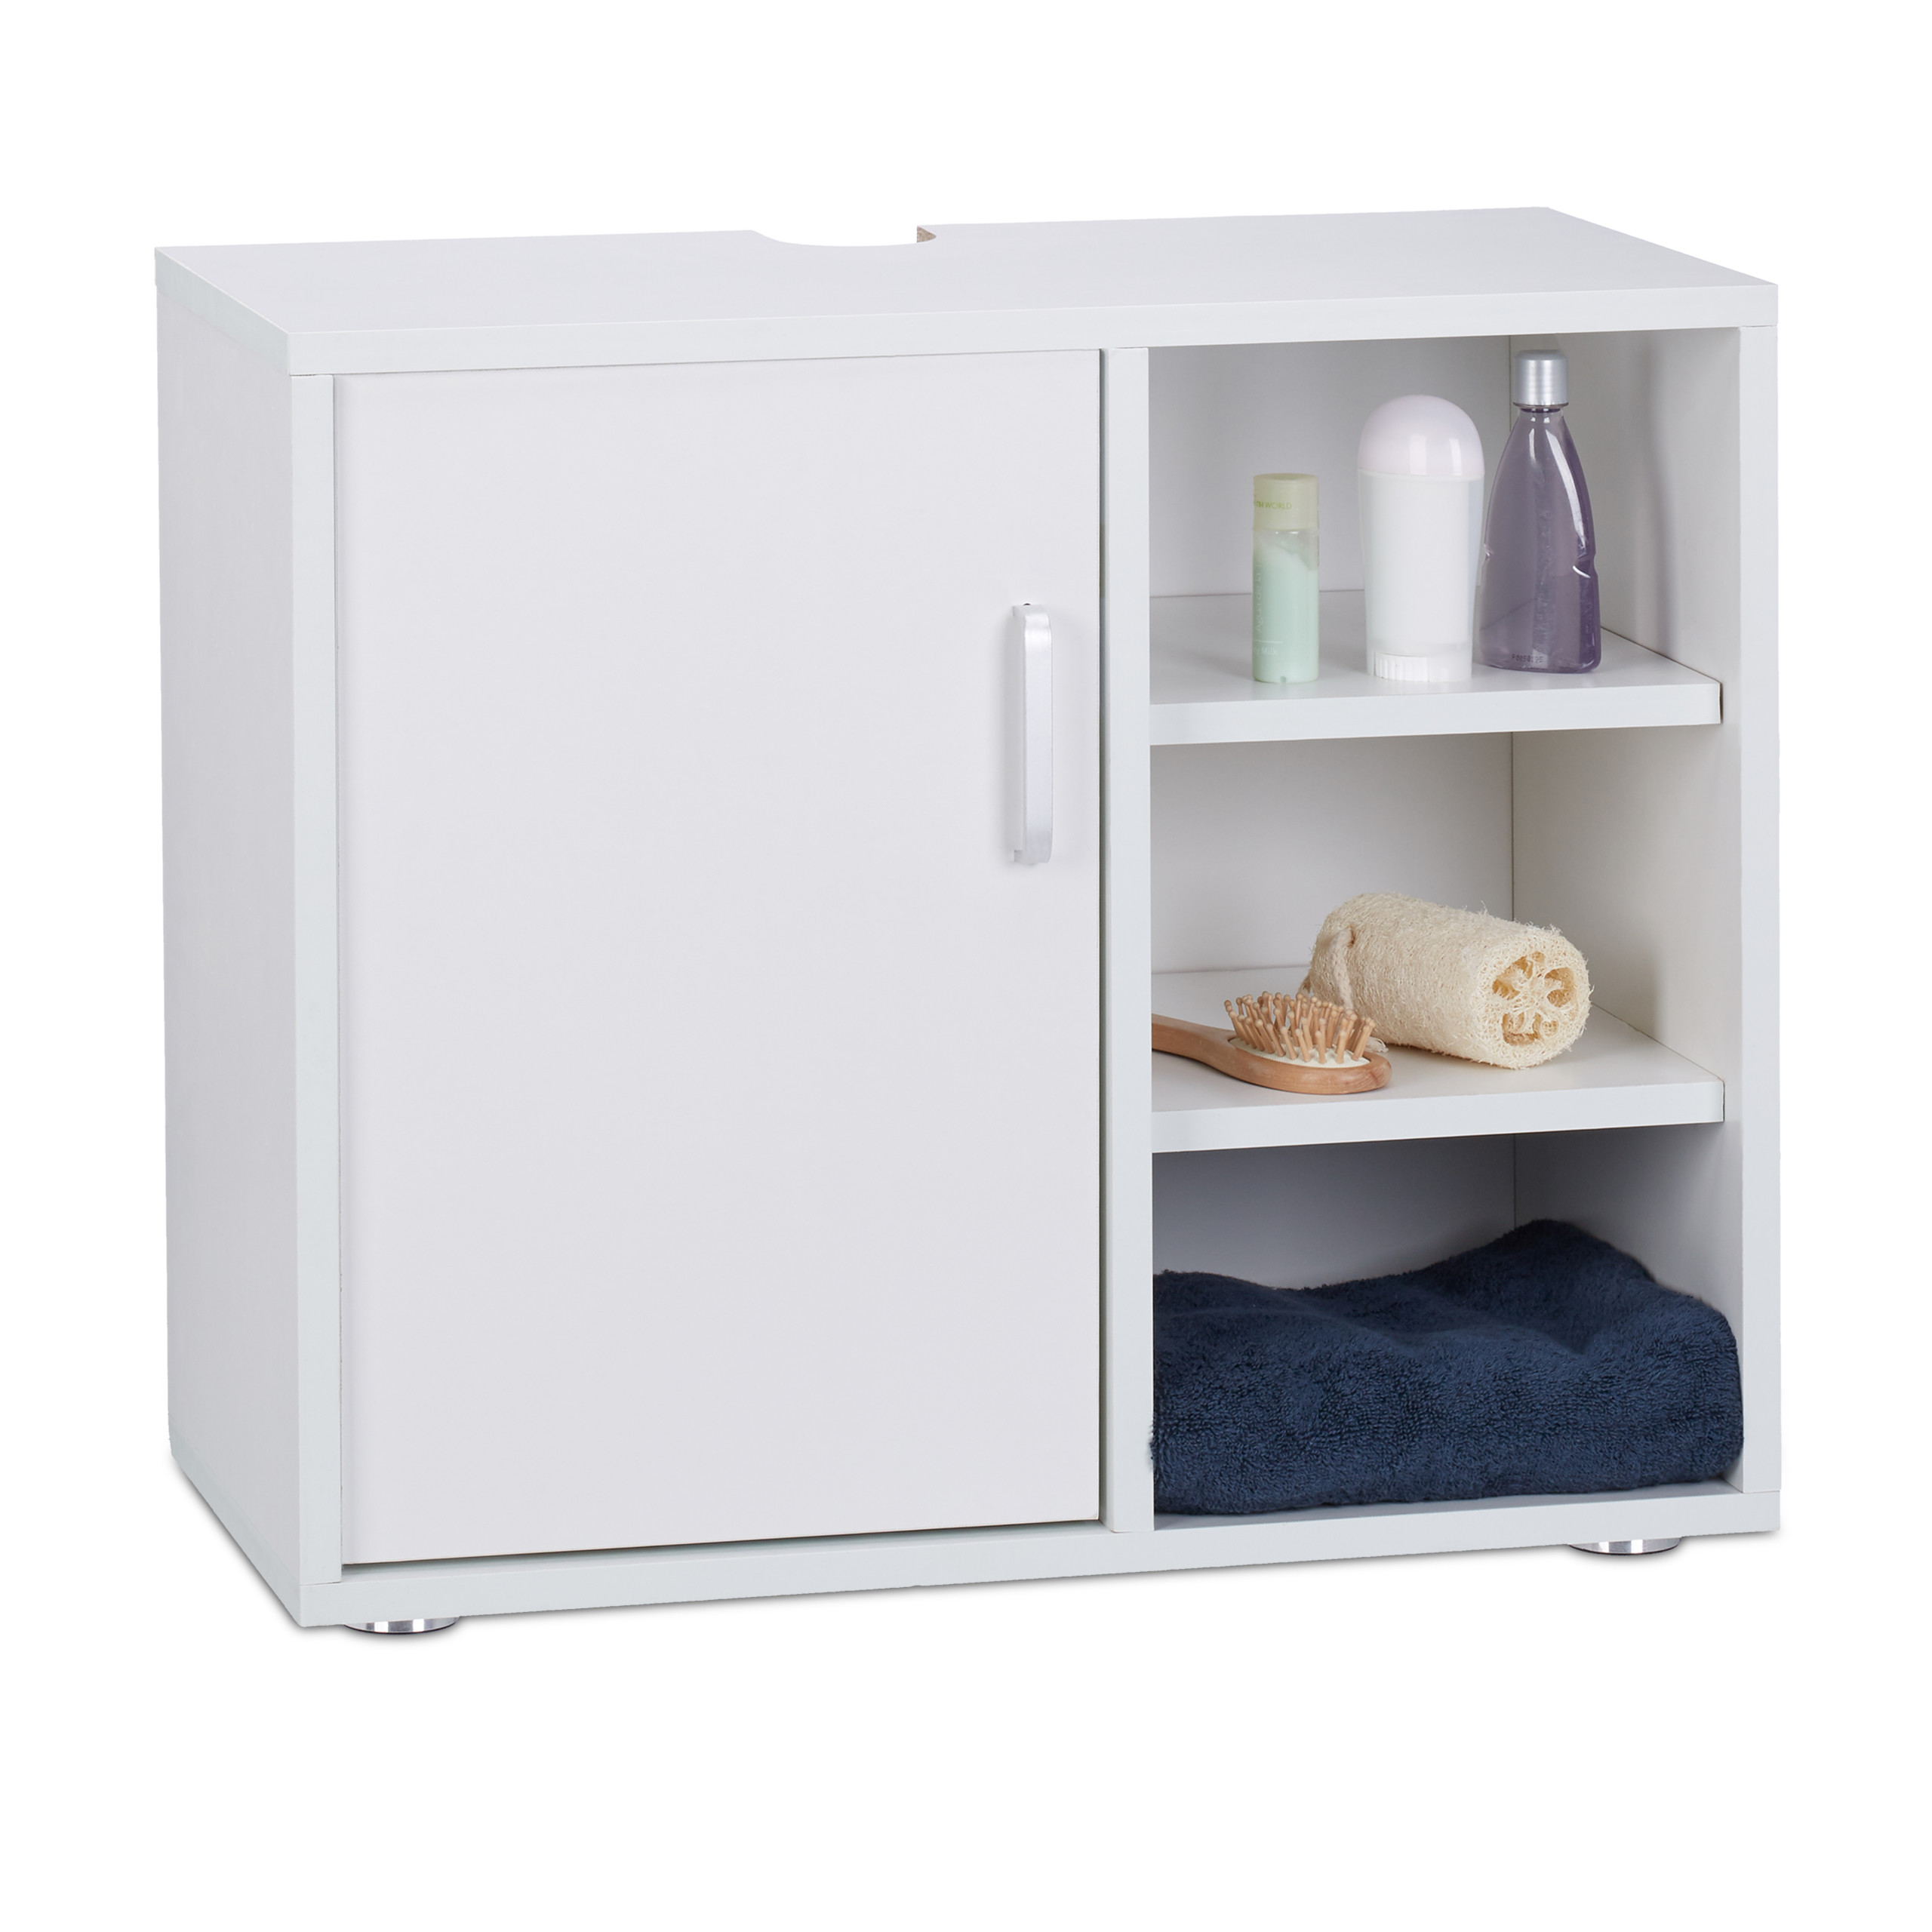 Détails sur Dessous de Lavabo Blanc Placard Salle de bain WC Meuble Sous  Vasque SDB 1 Porte